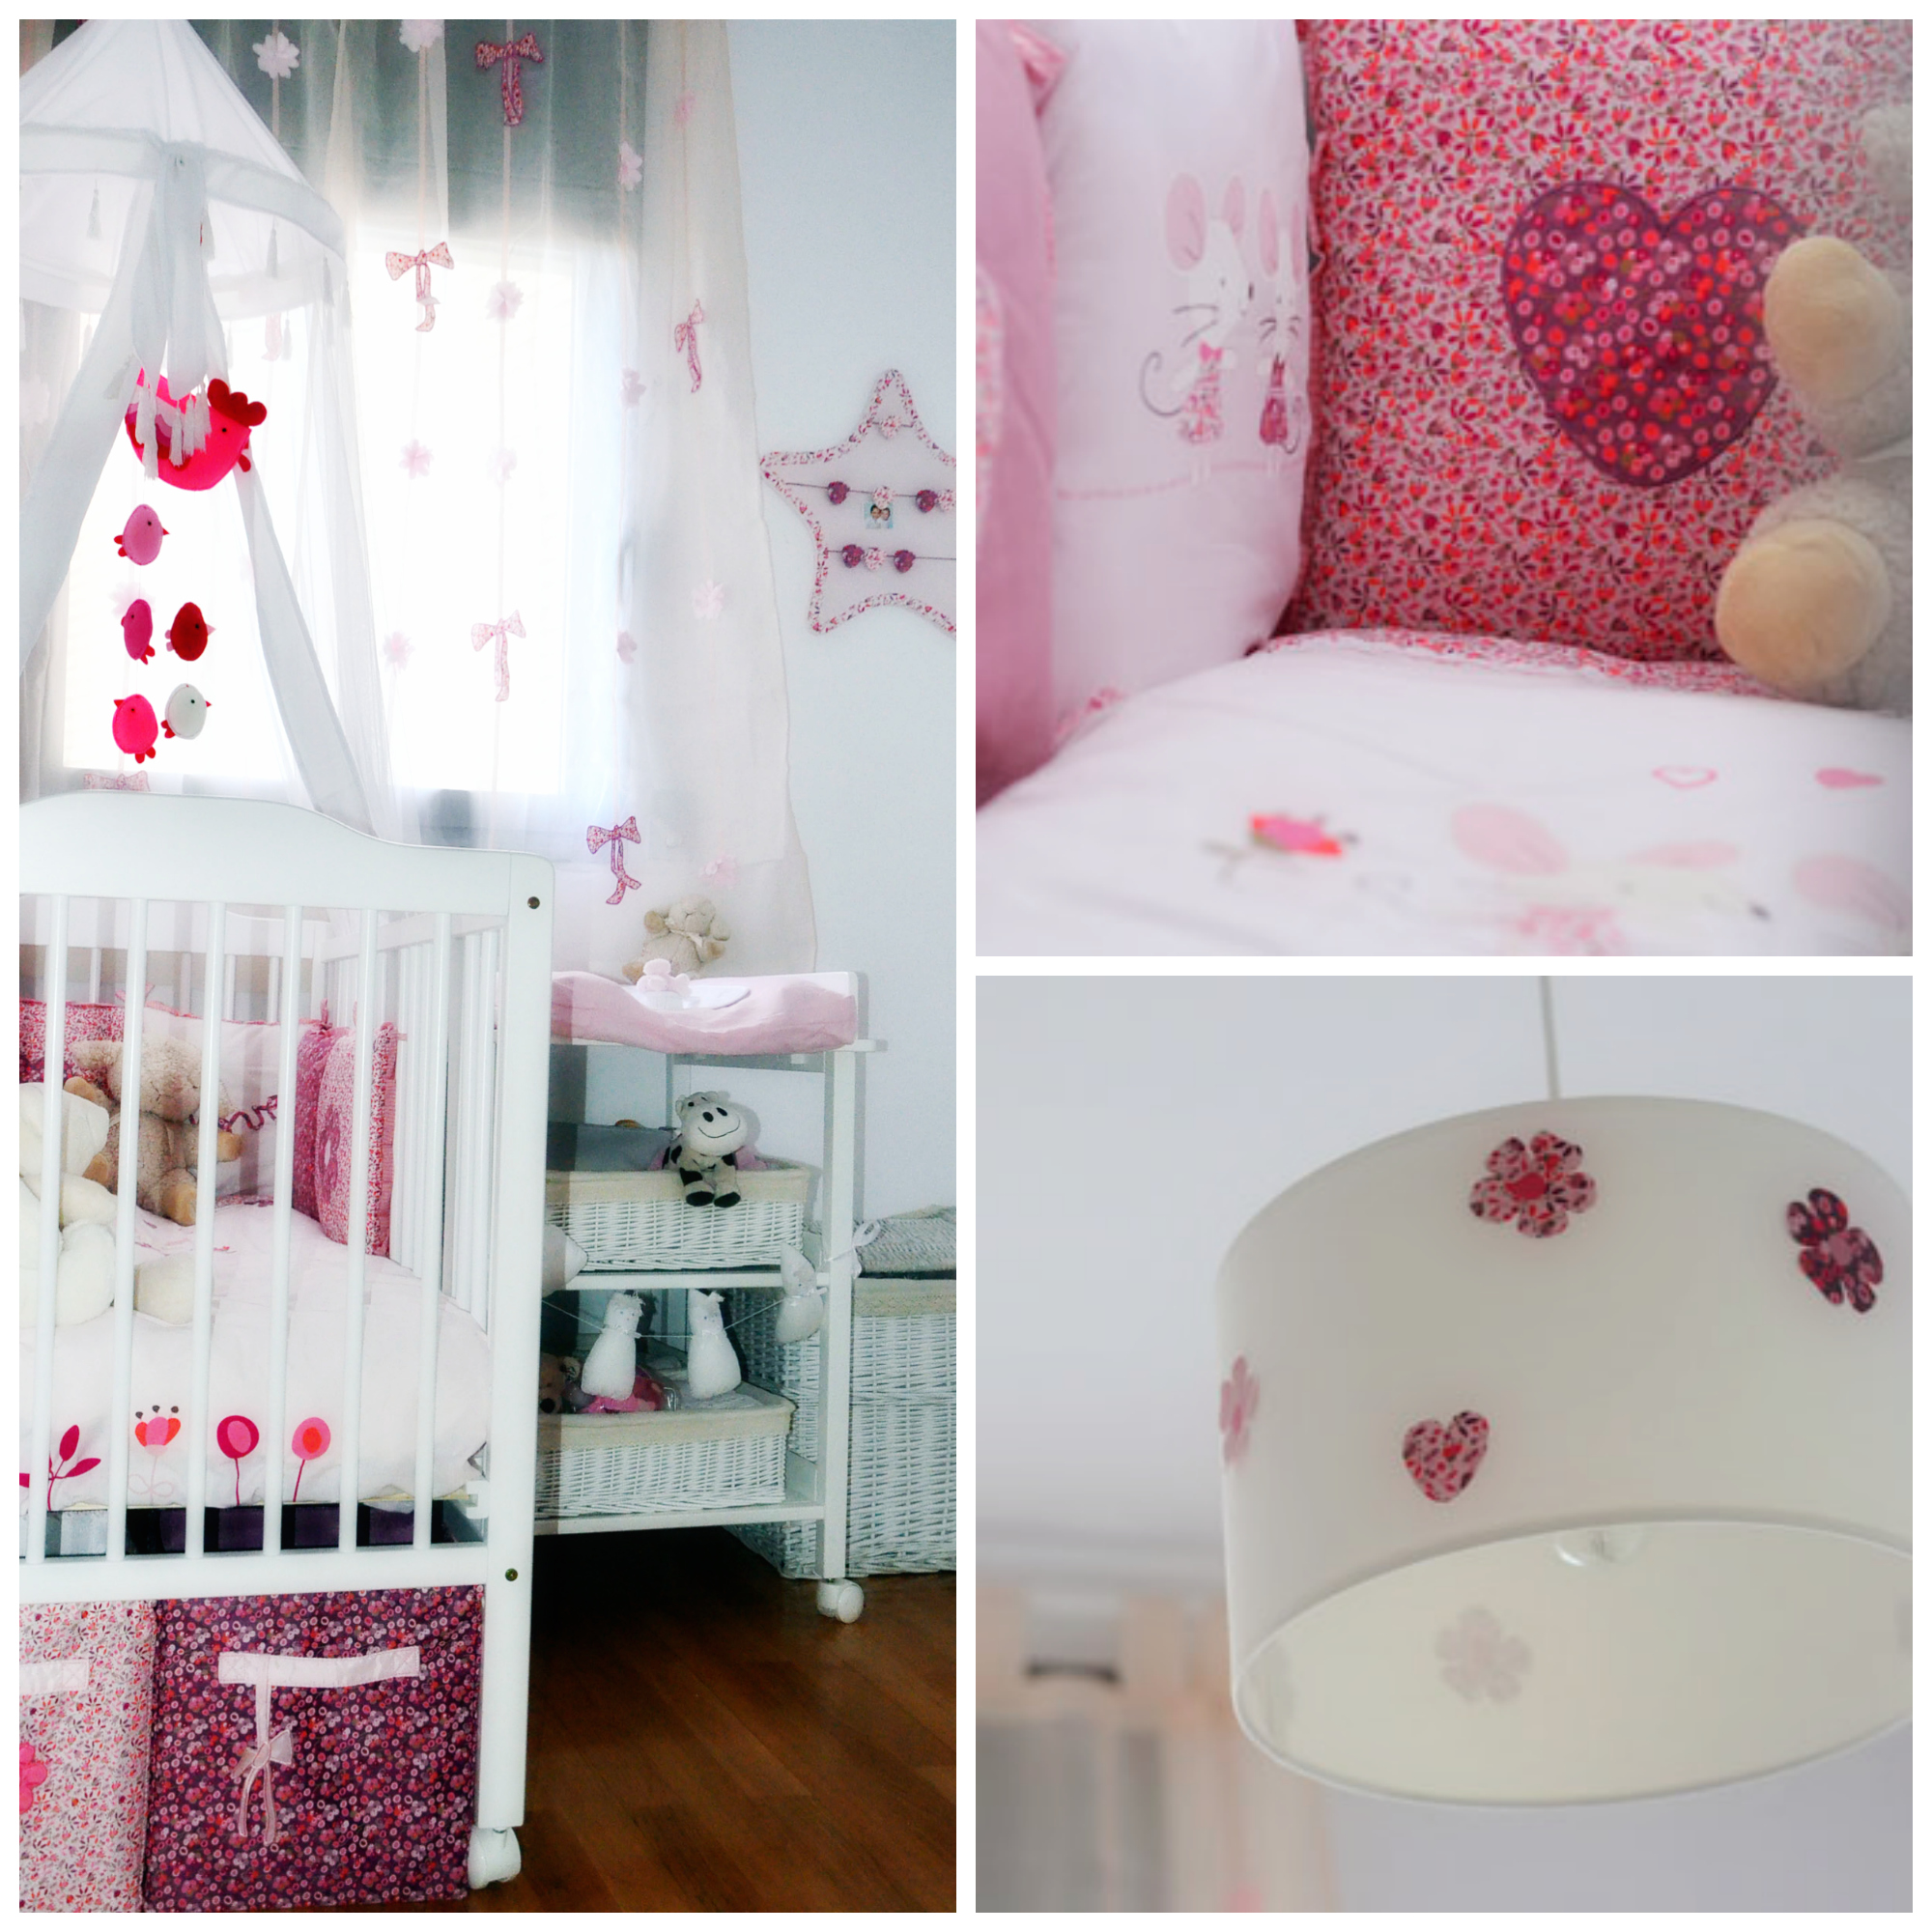 decoracion habitacion bebe Verbaudet Blogmodabebe